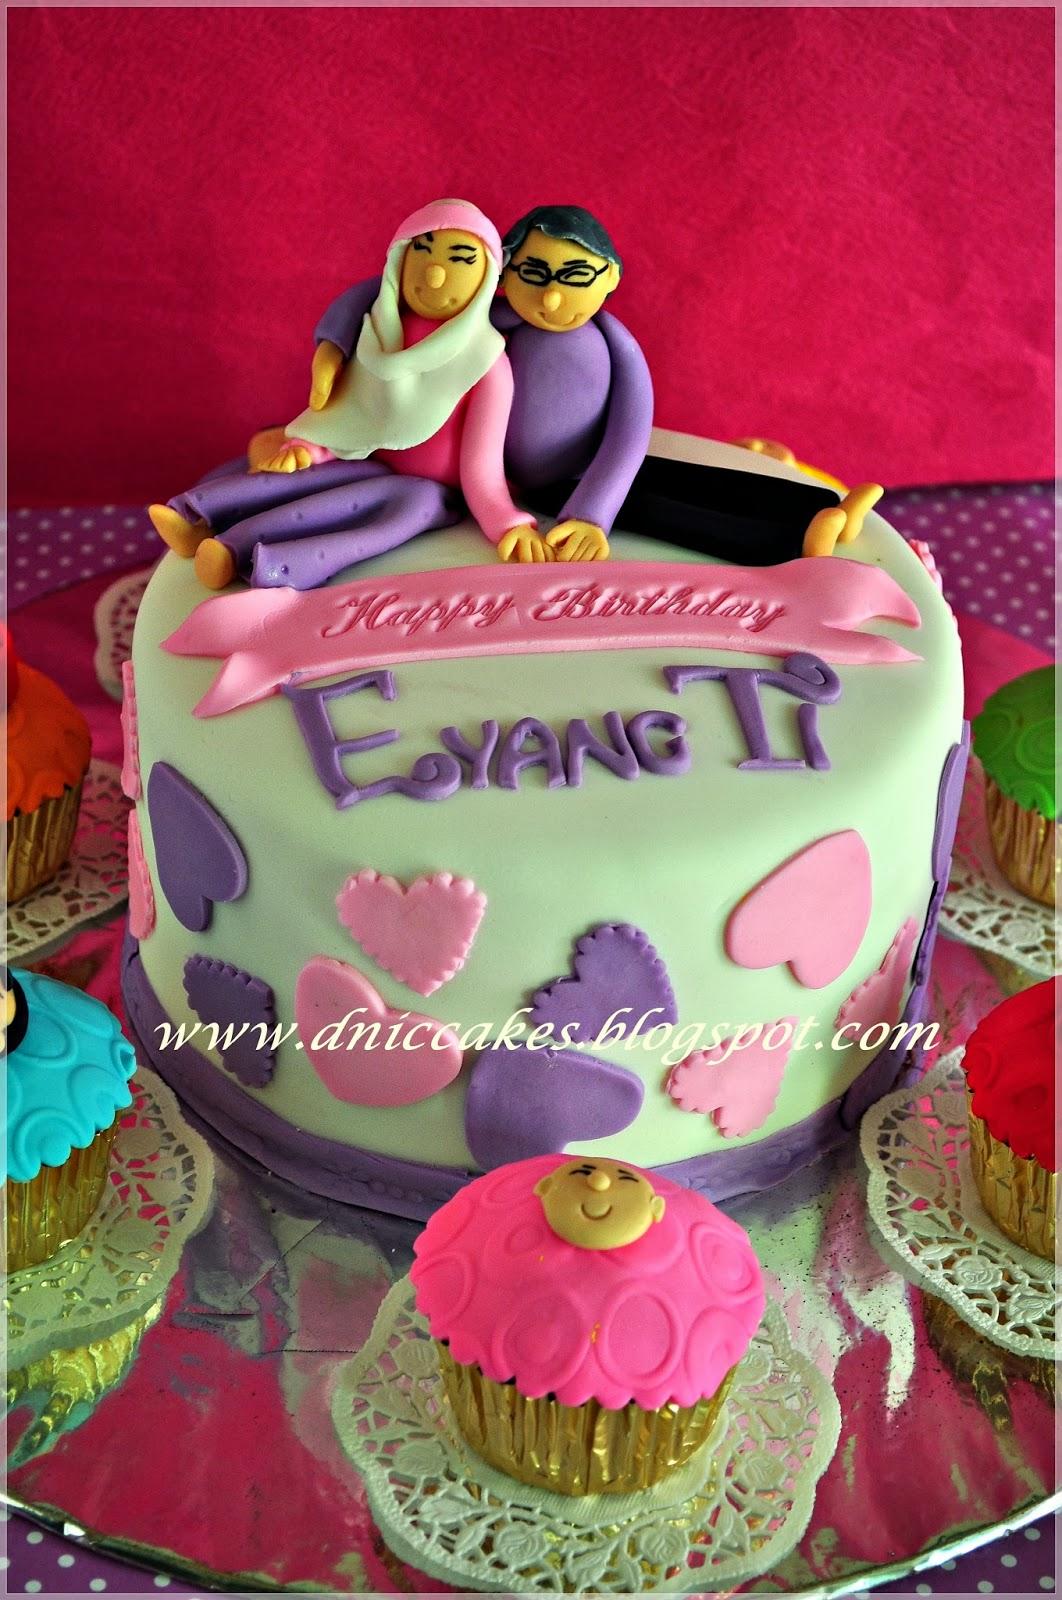 D Nic Cakes Birthday Cake Untuk Eyang Uti